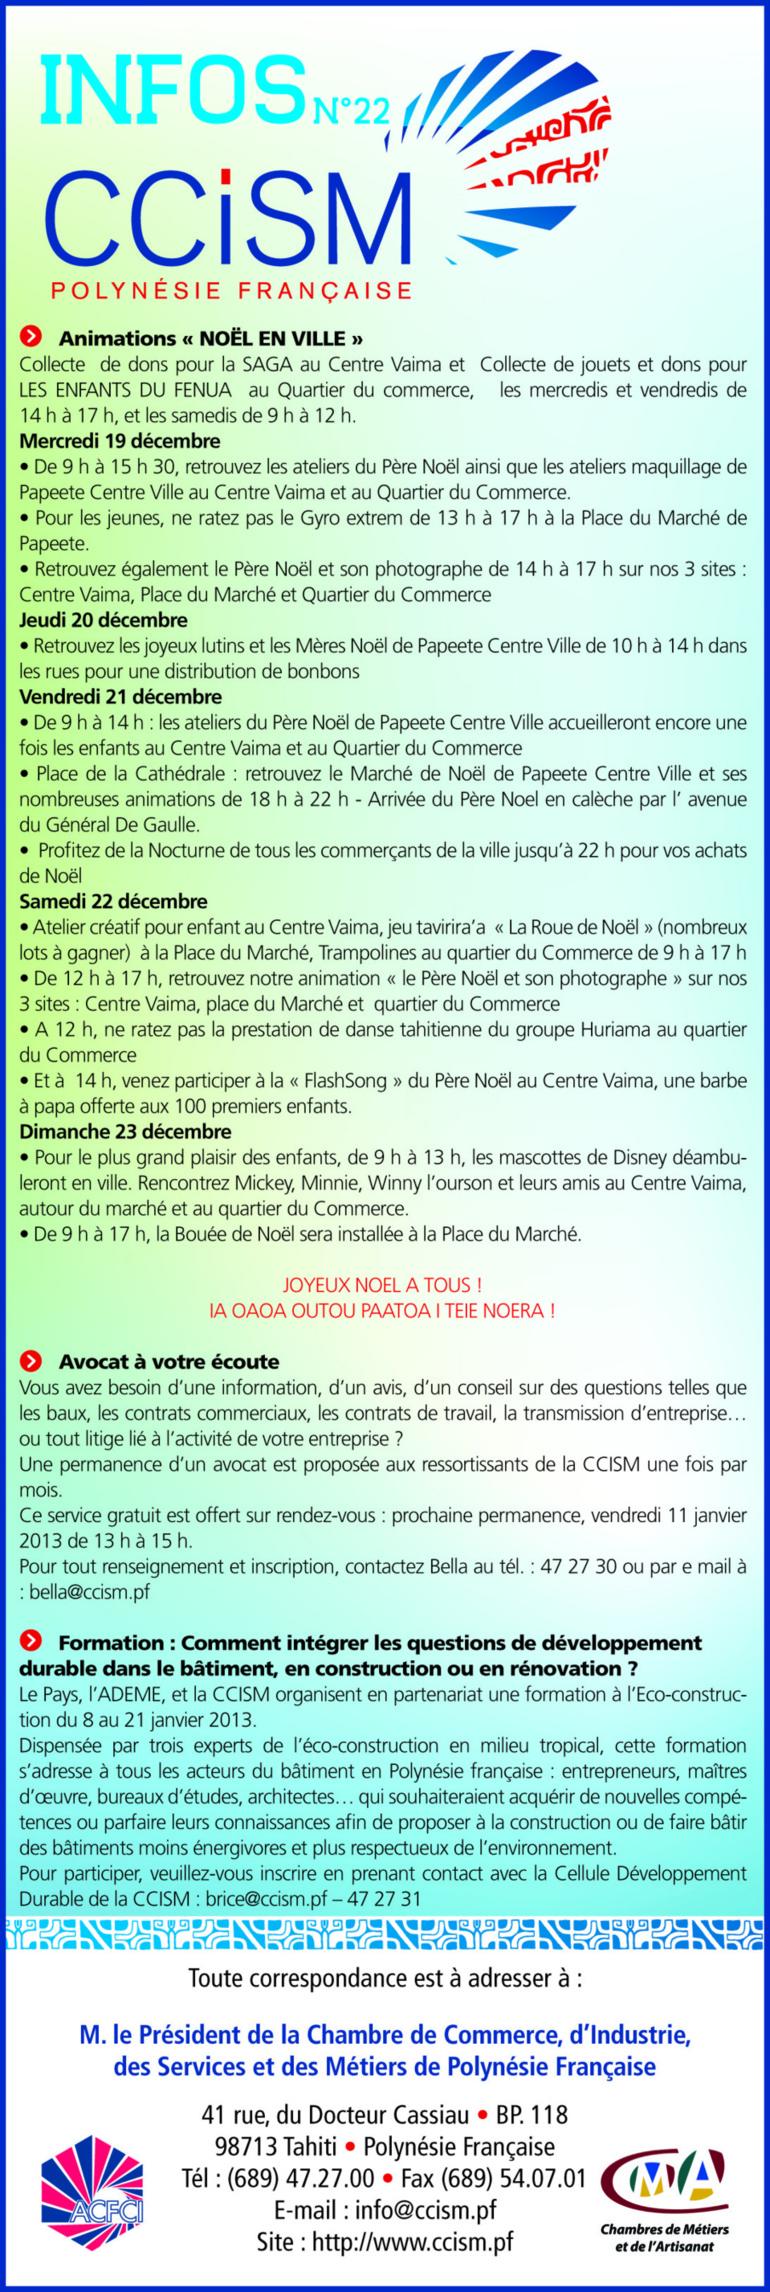 Infos CCISM N° 22